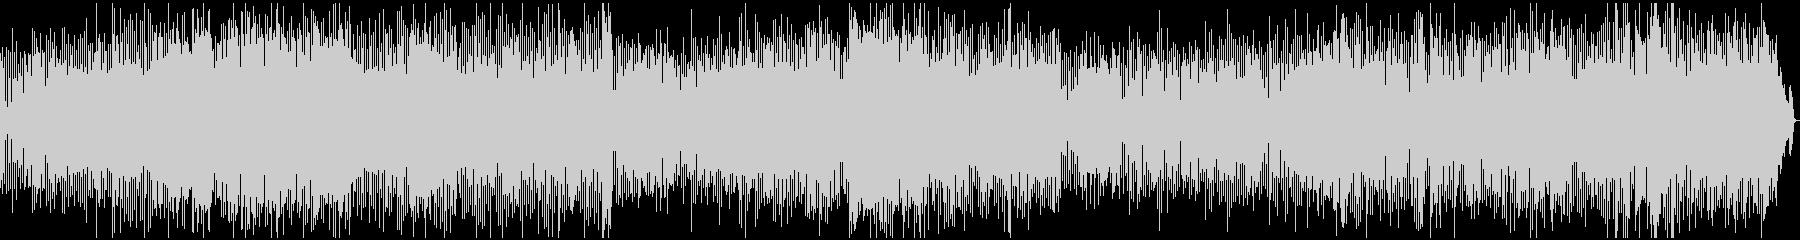 ビブラフォンが印象的なファンクロックの未再生の波形